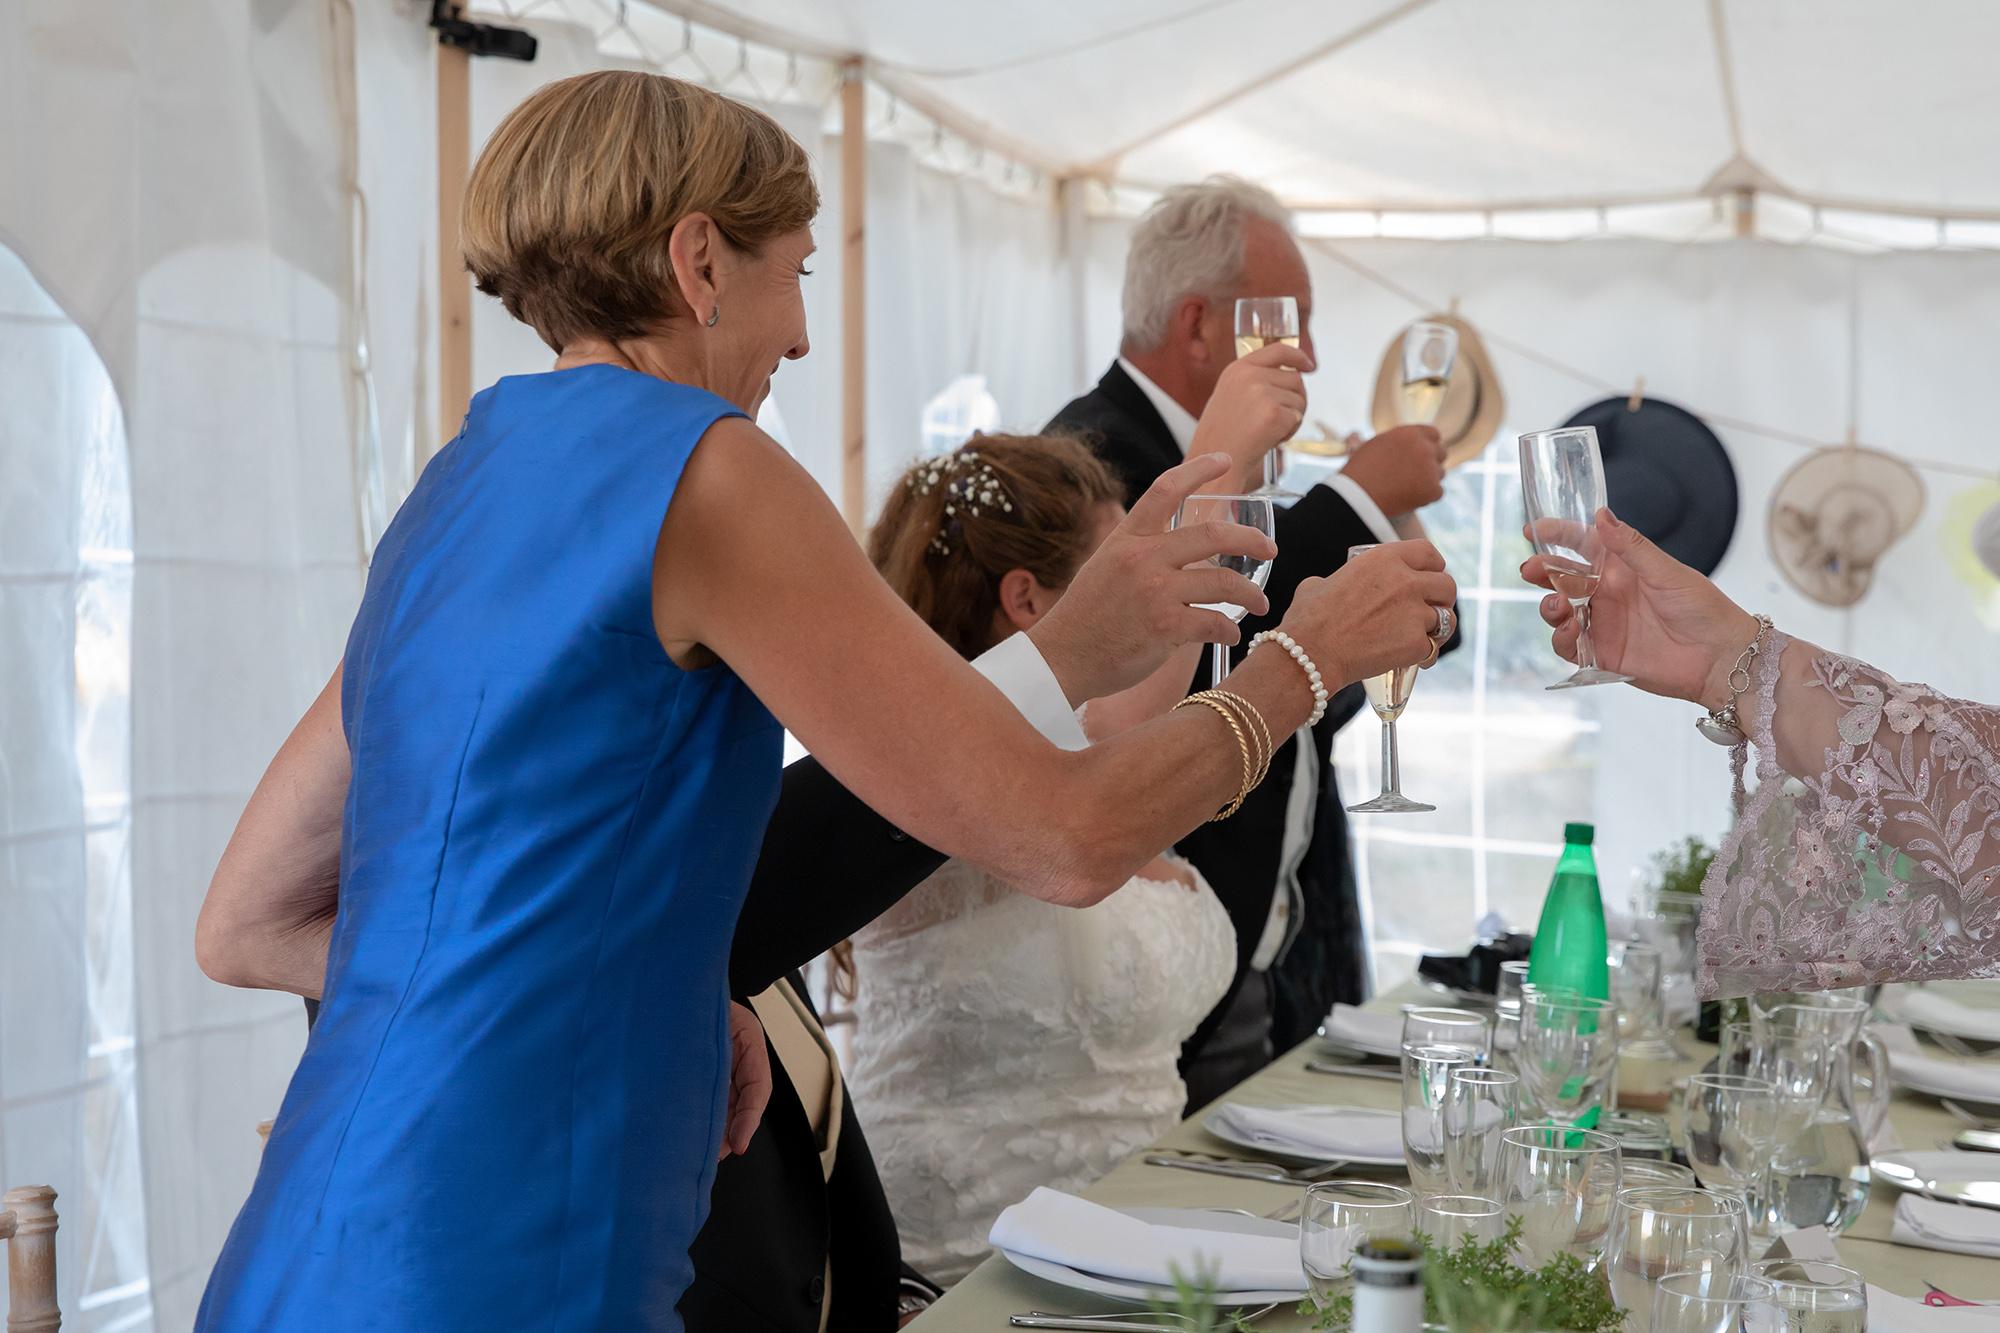 chichester_photographer_wedding_62.jpg